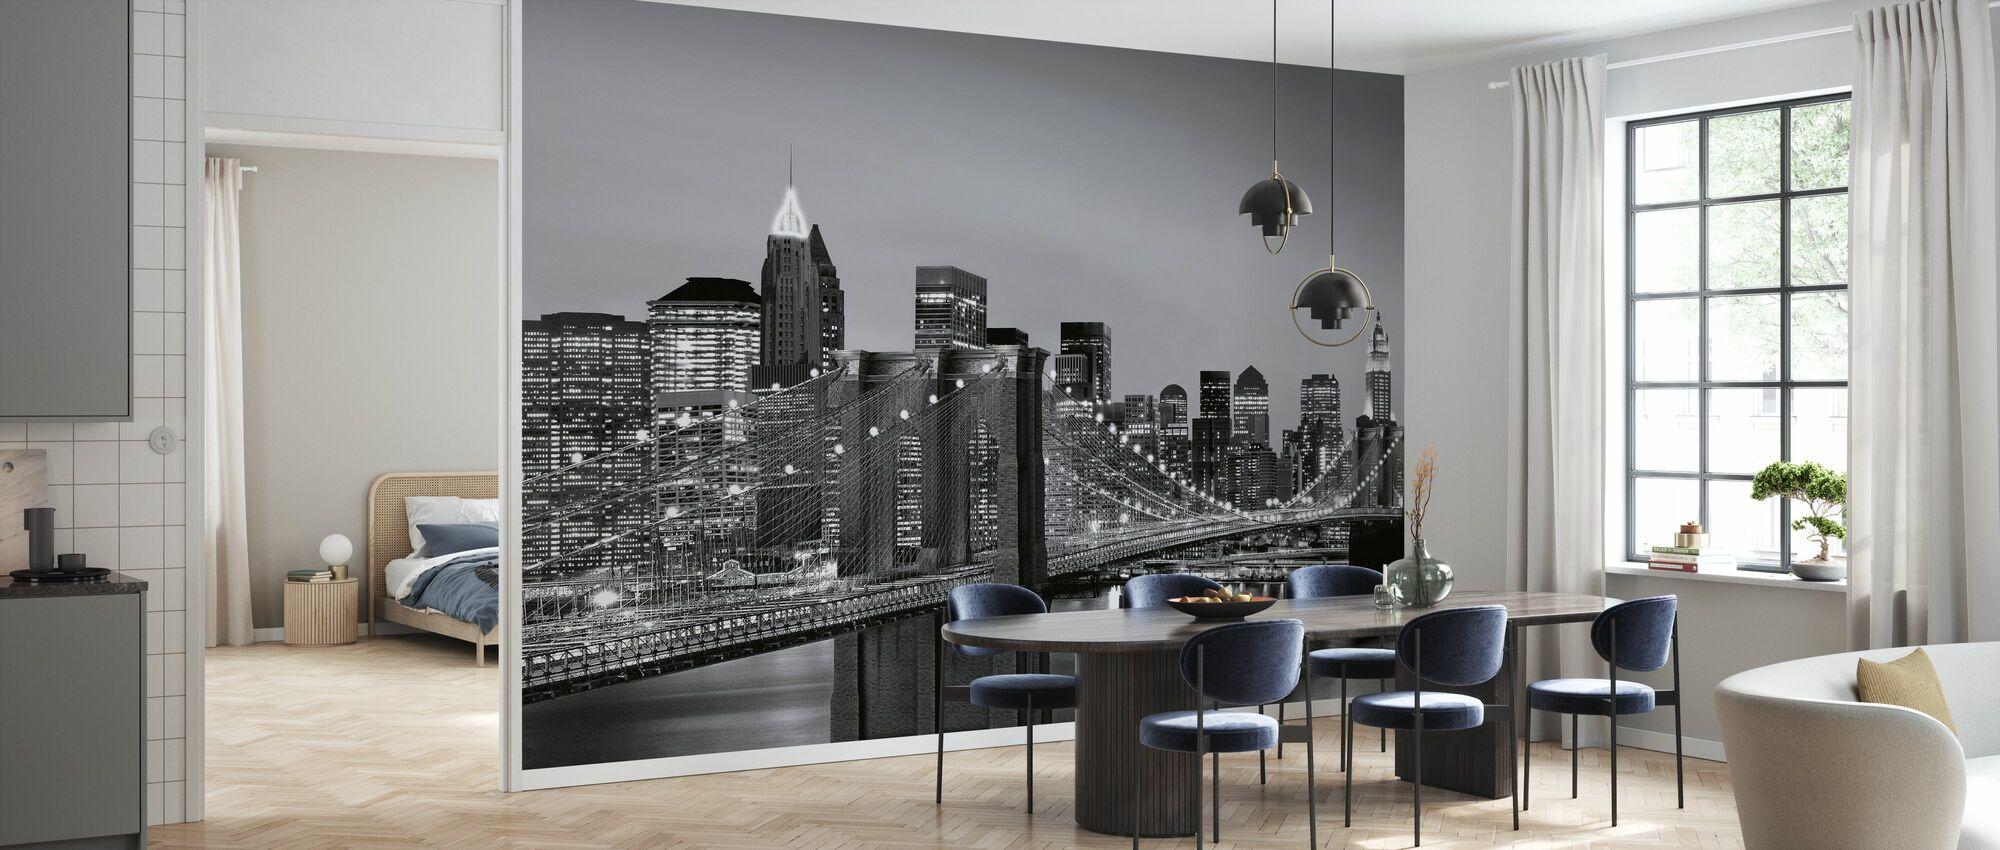 New York Skyline - Wallpaper - Kitchen